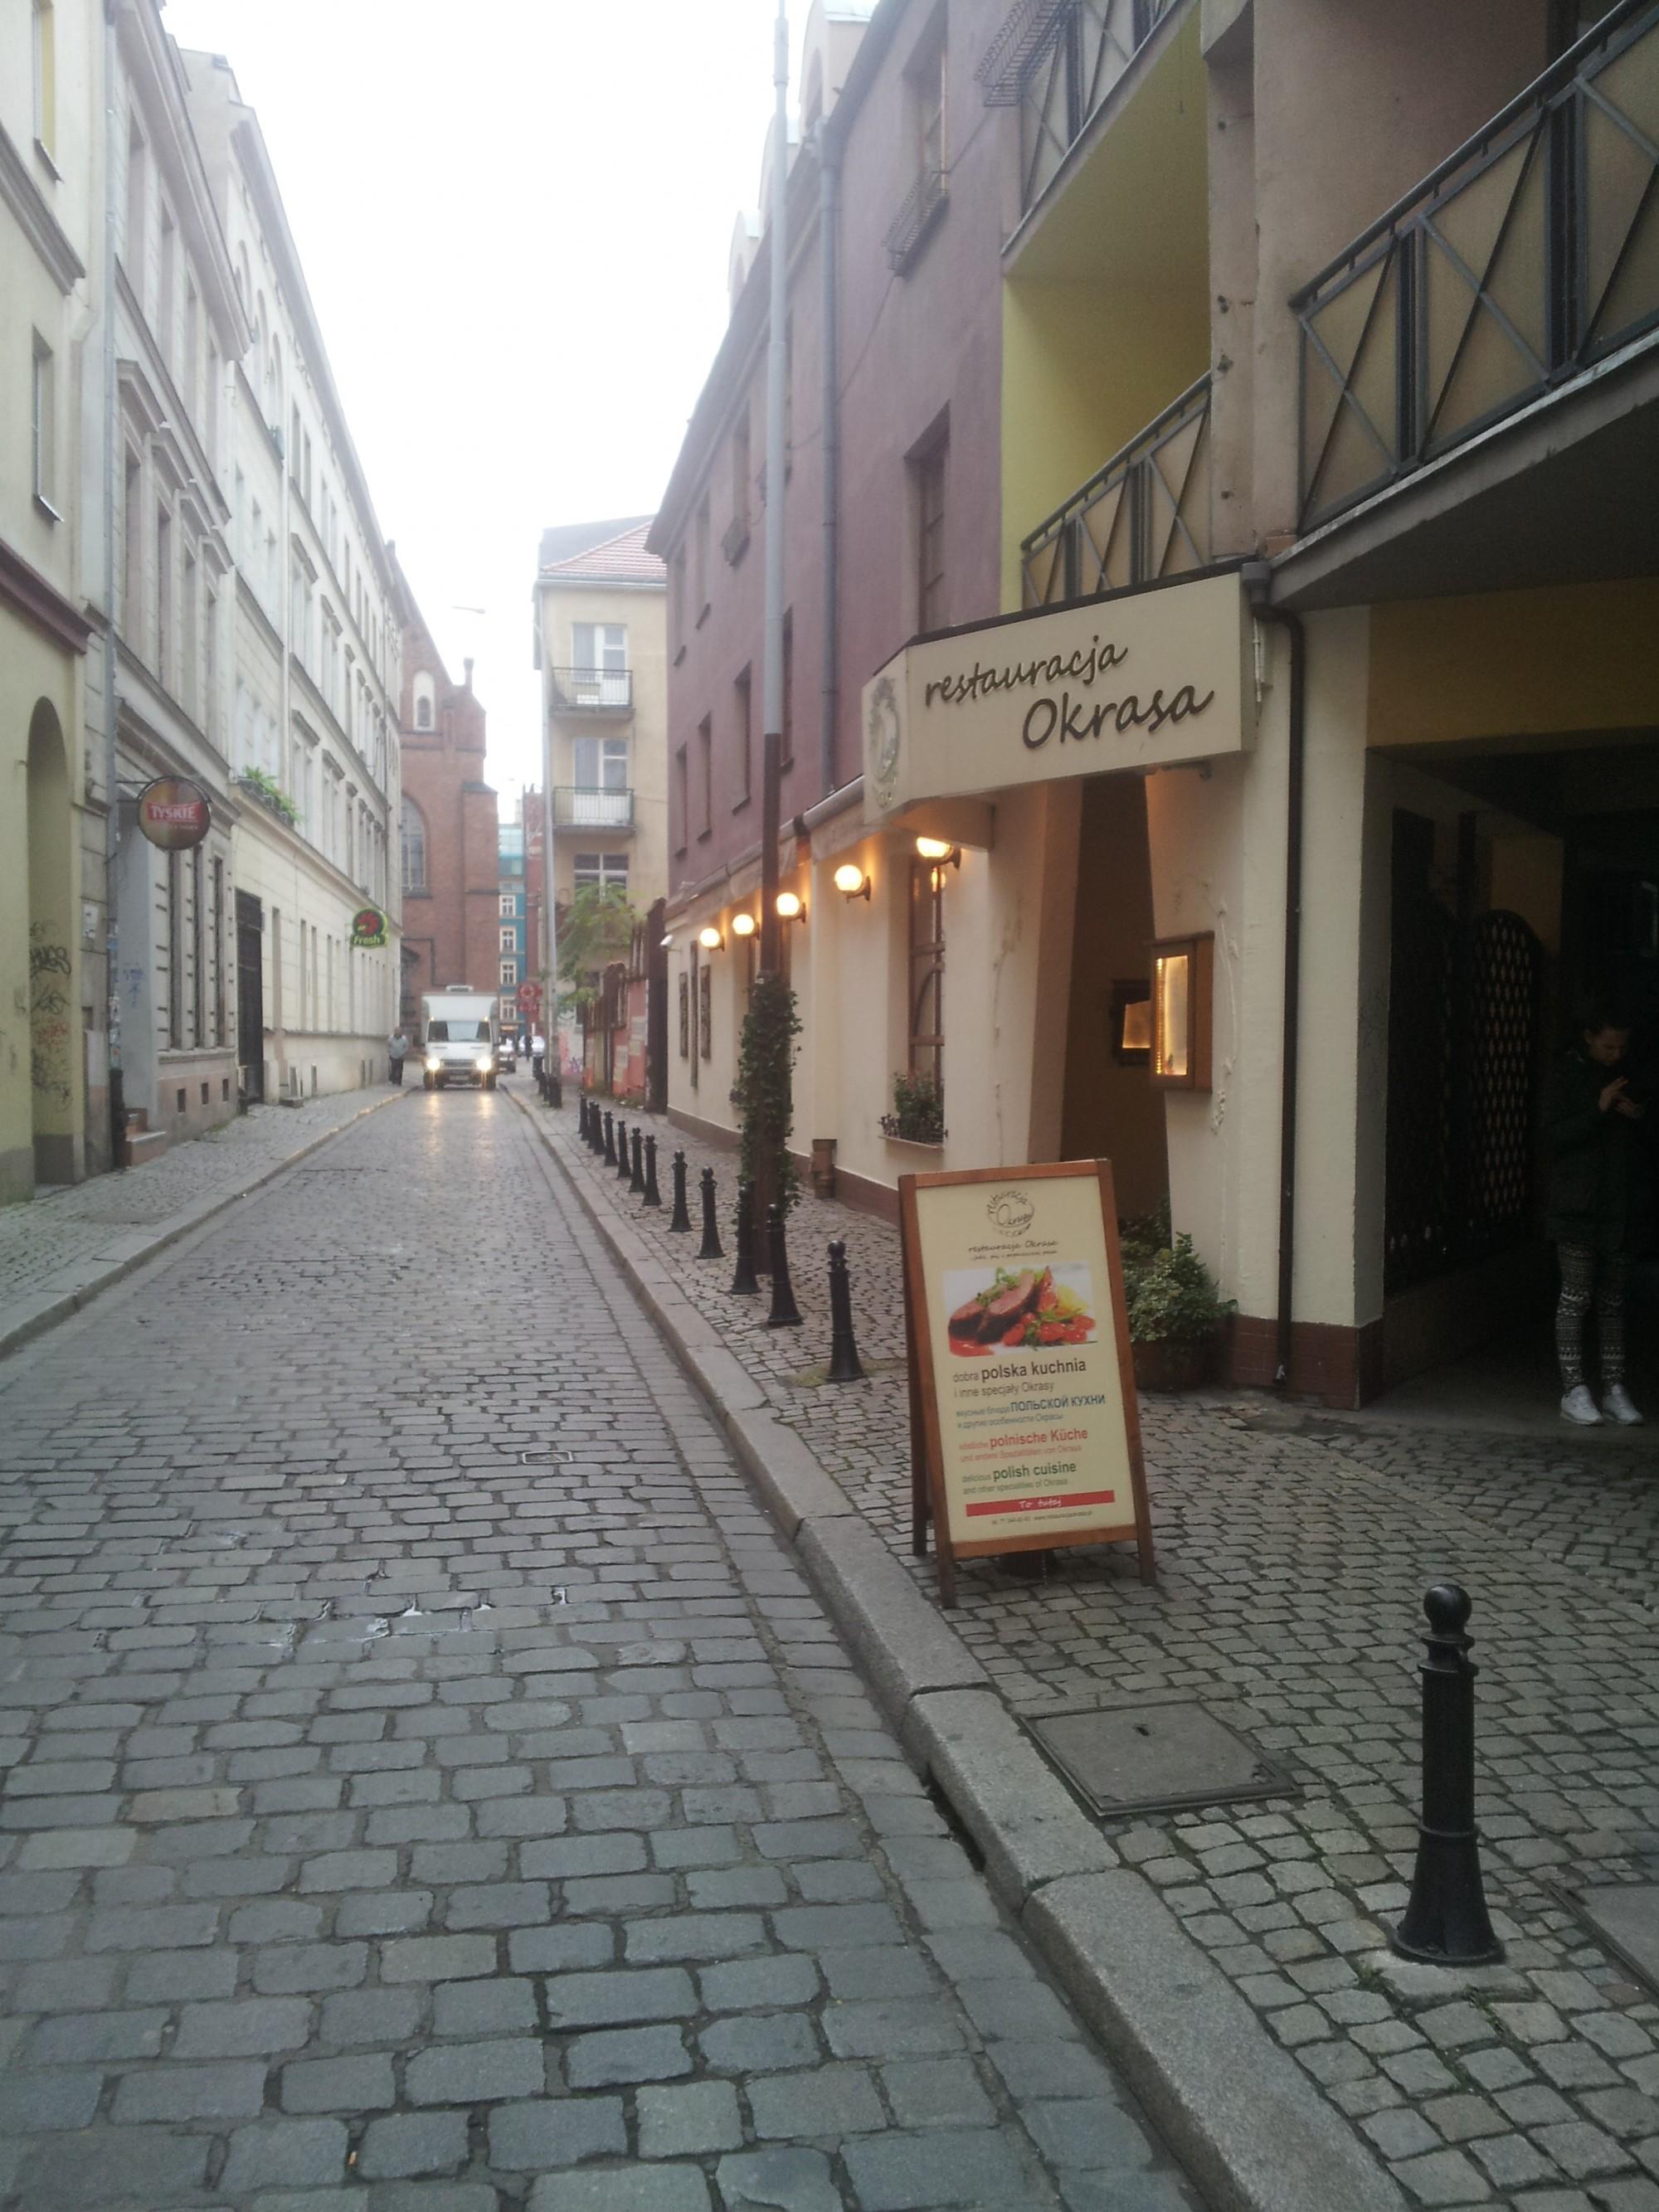 Restauracja Okrasa Stare Miasto Wrocław Gdziezjescinfo